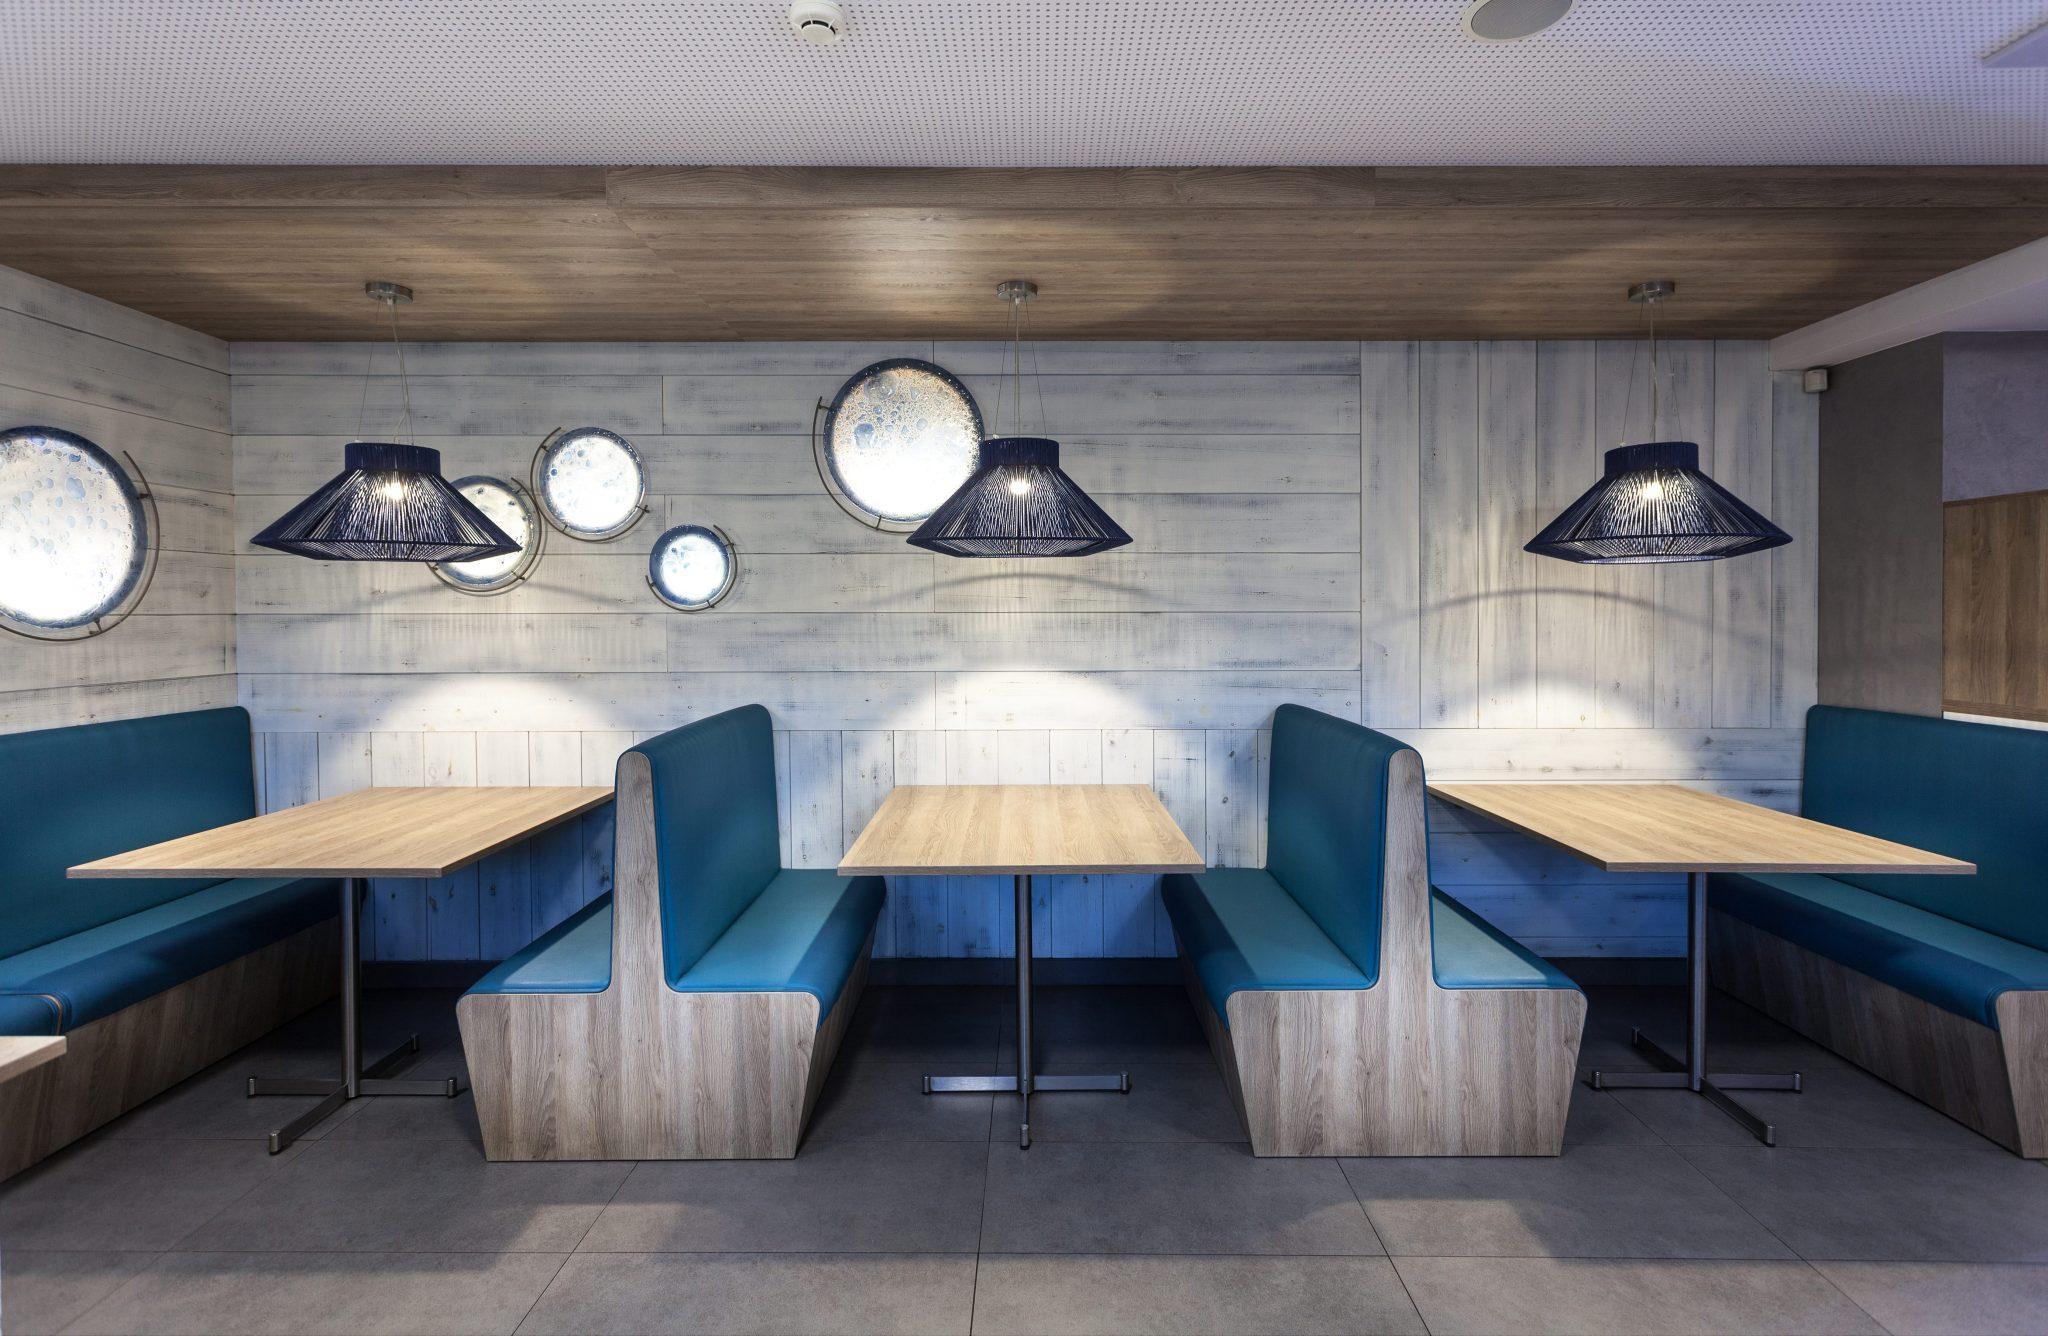 Lámparas Koord en las pizzerías Atlàntida